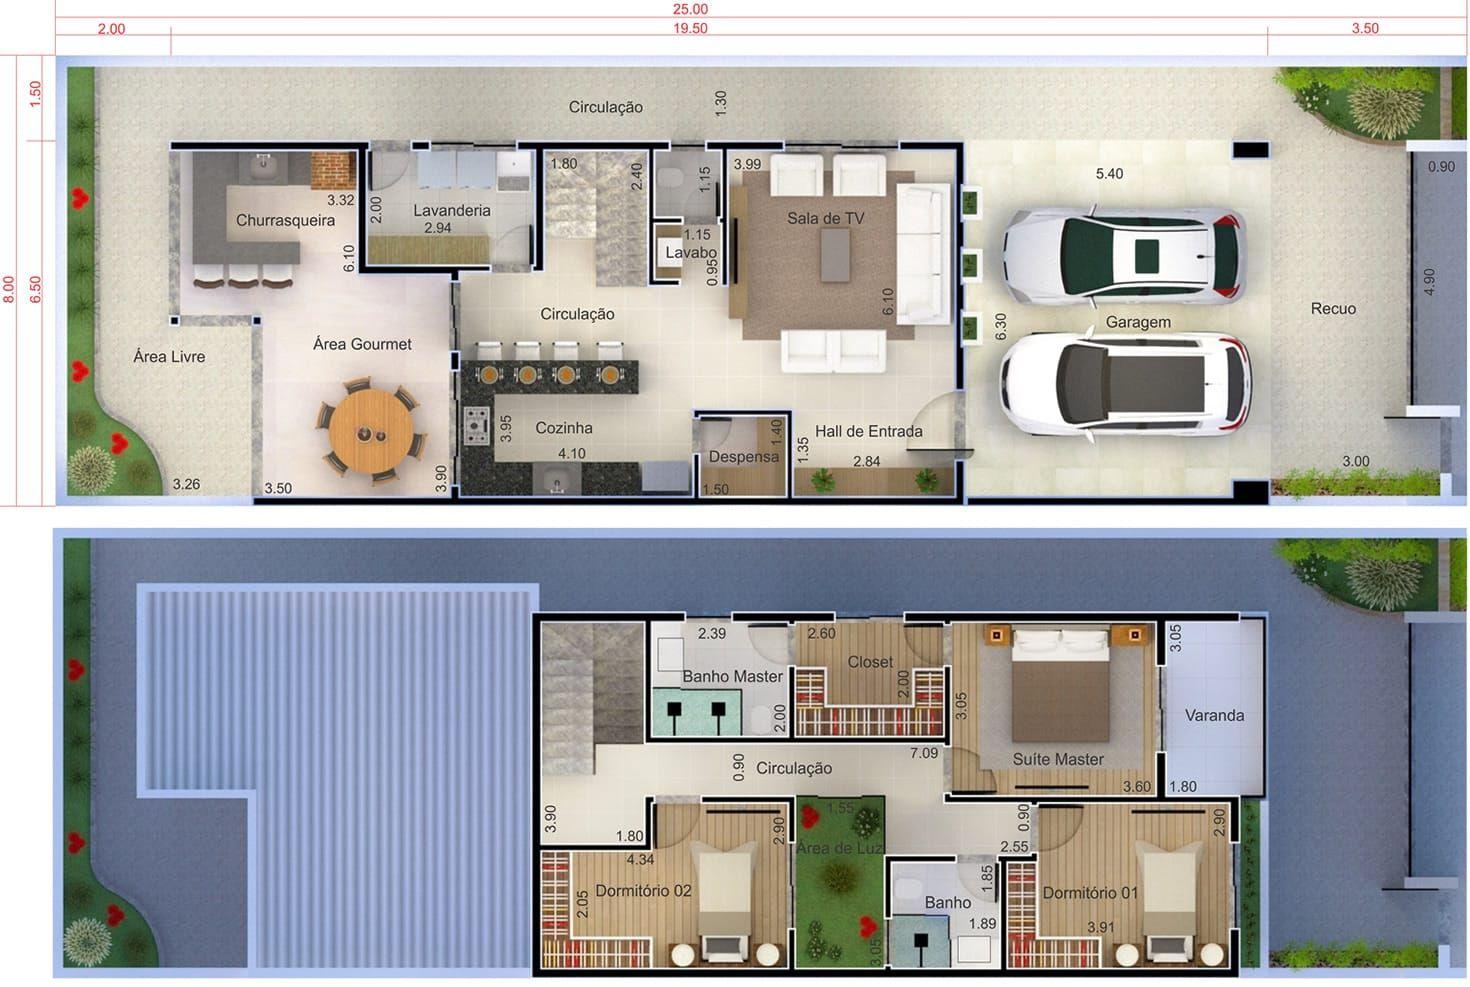 Casa de piso con 3 habitaciones plano para terreno 8x25 - Disenar mi casa ...